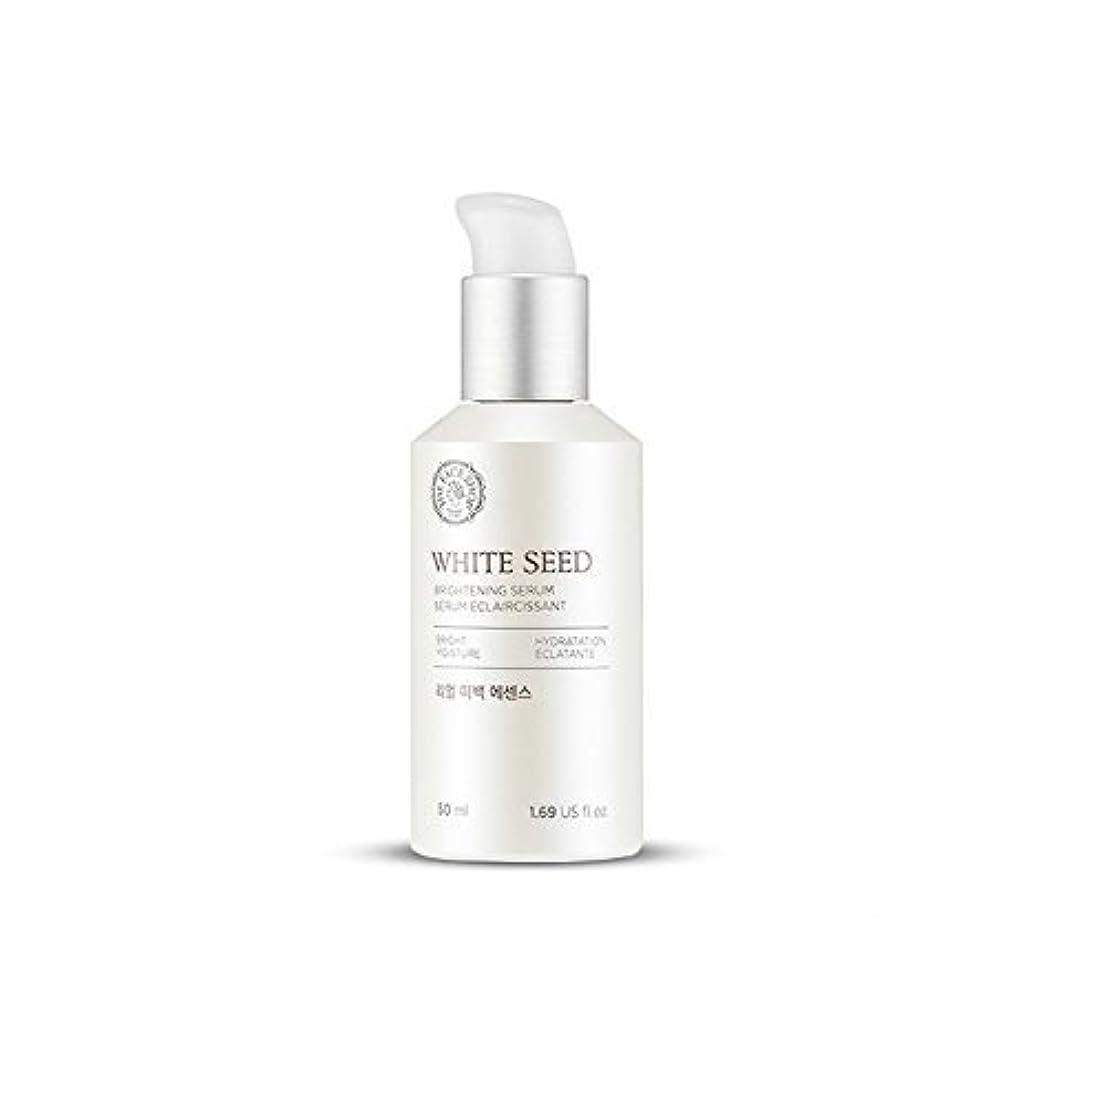 チョーク何鎖The Face Shop White Seed Real Whitening Essence / Brightening Serum 50ml [並行輸入品]